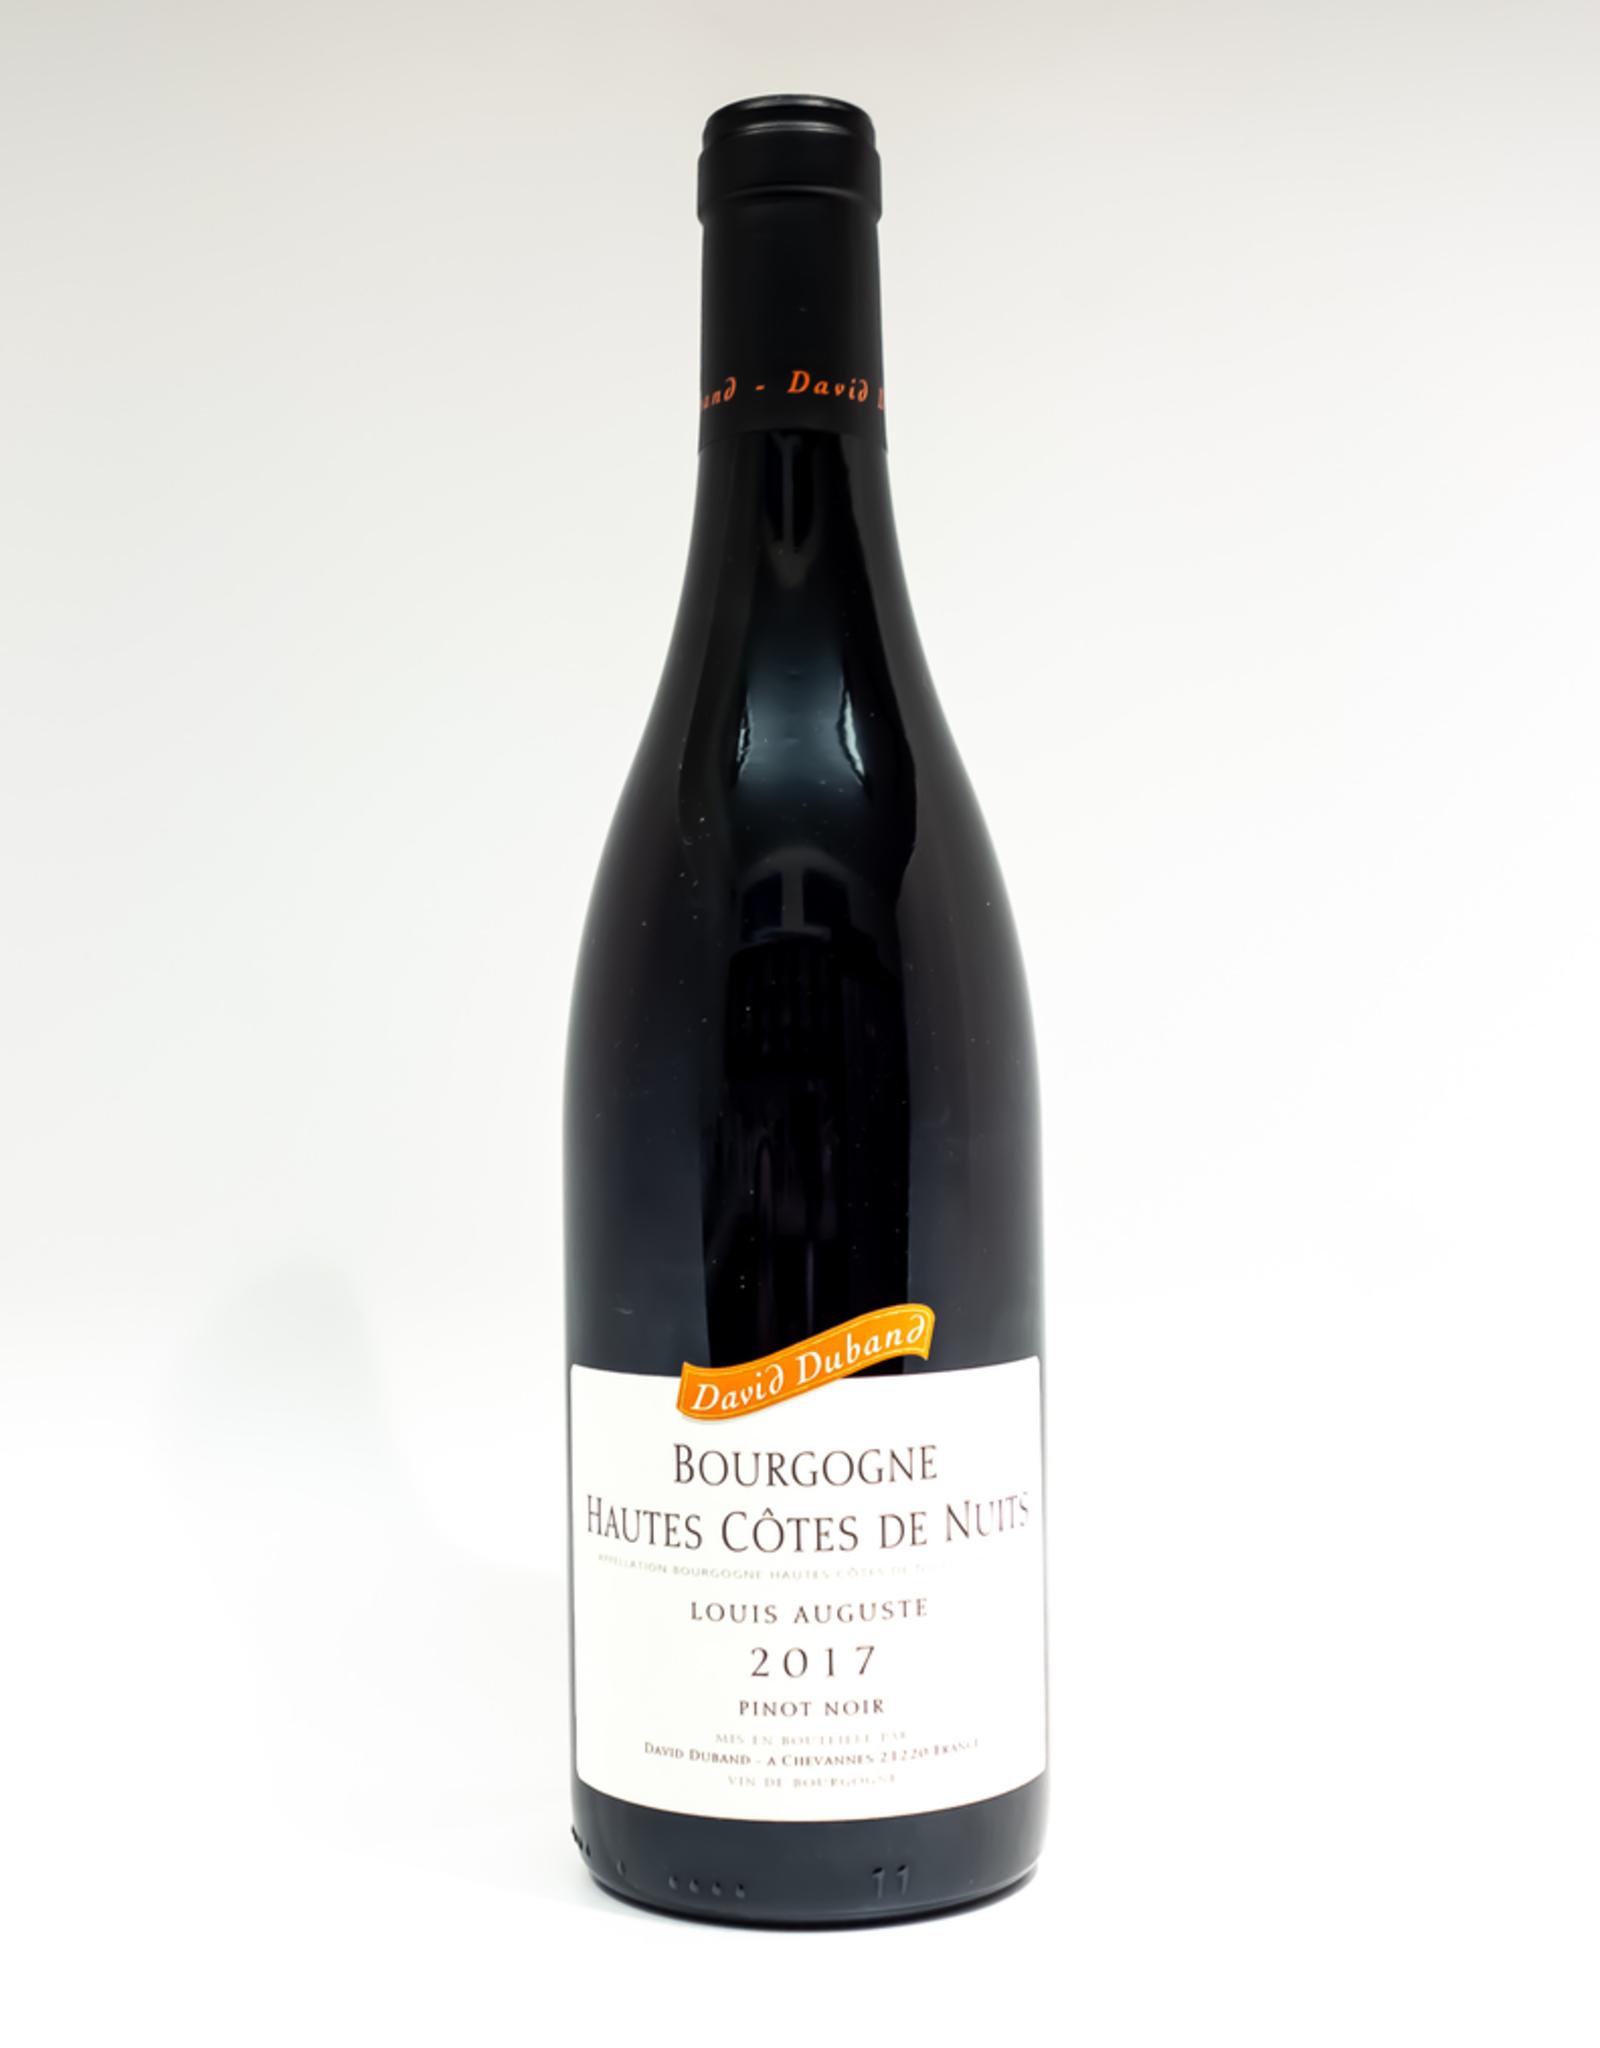 Wine-Red-Lush David Duband Bourgorgne Hautes Cotes de Nuits AOC Louis Auguste 2017